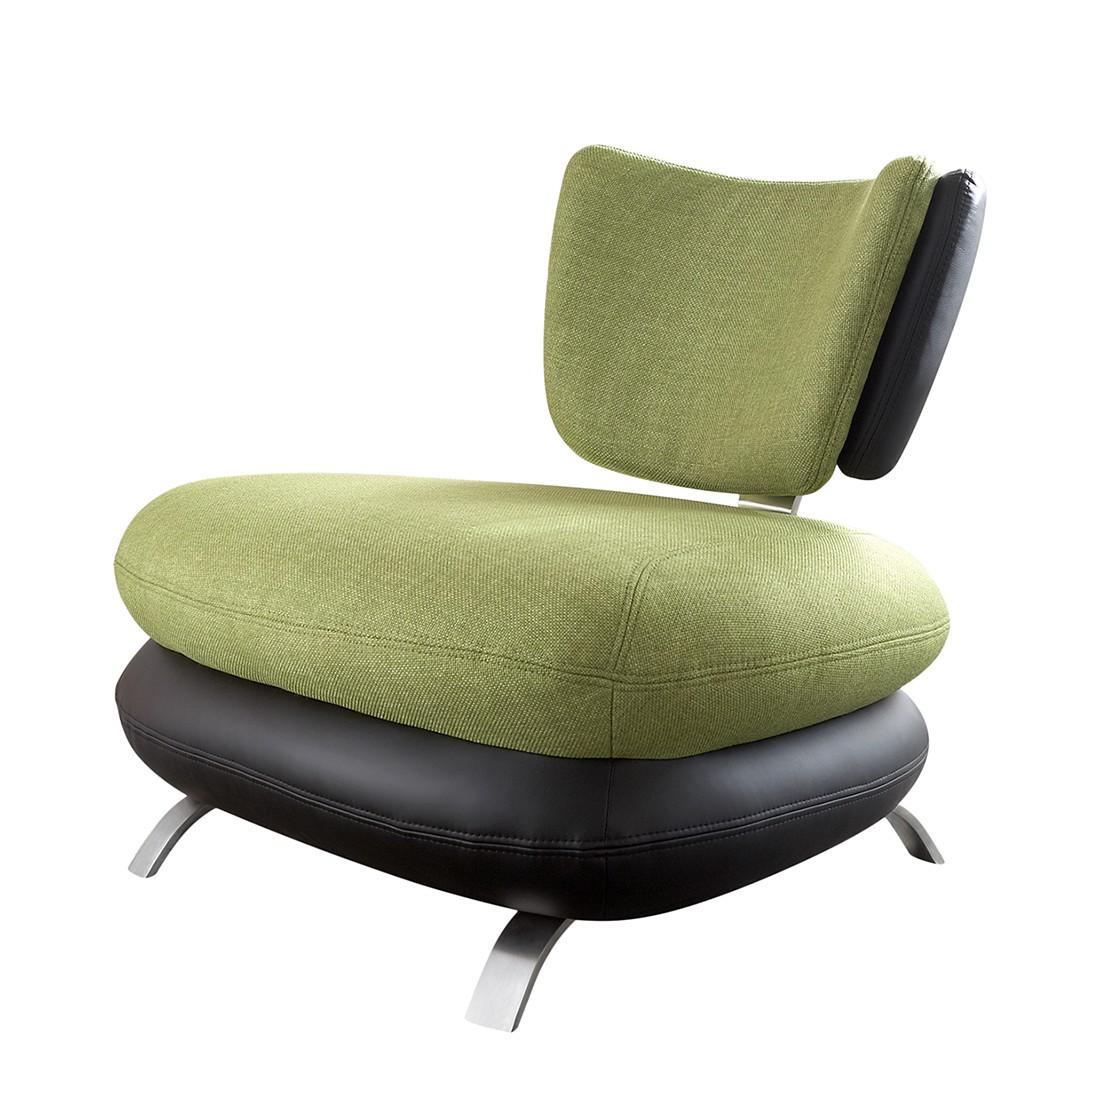 Sessel Cozy – Kunstleder Schwarz/Stoff Grün, Modoform jetzt bestellen